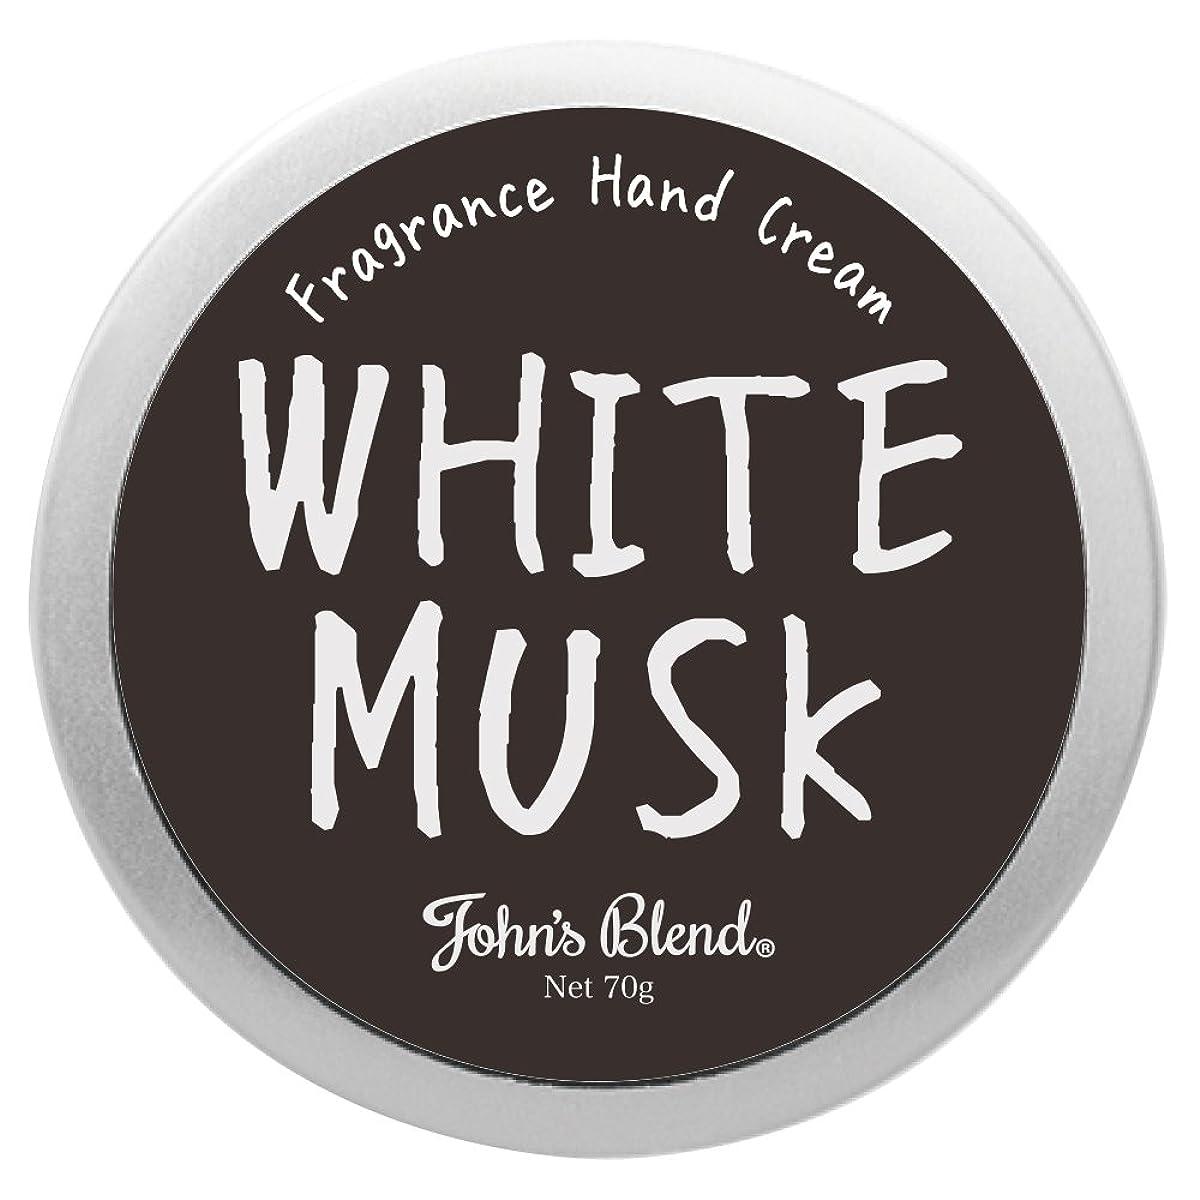 かろうじて寄付妊娠したJohns Blend ハンドクリーム 70g ホワイトムスク の香り OZ-JOD-1-1